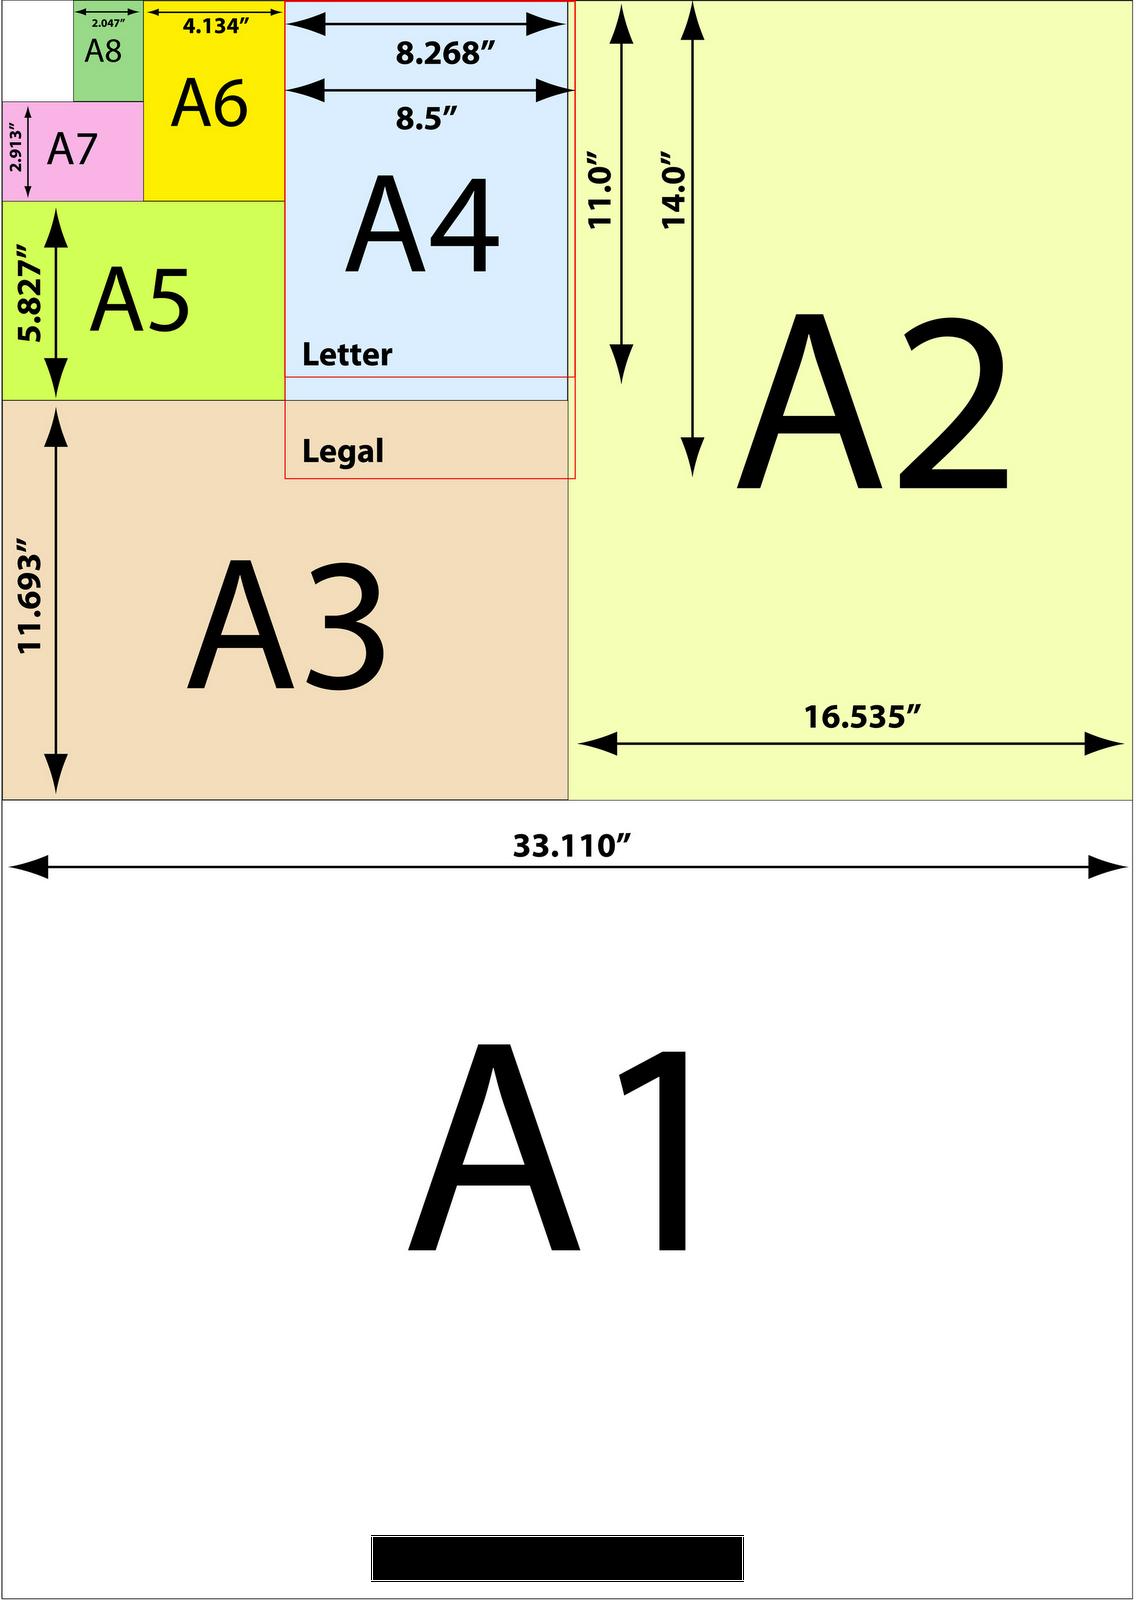 Ukuran A5 Dalam Pixel : ukuran, dalam, pixel